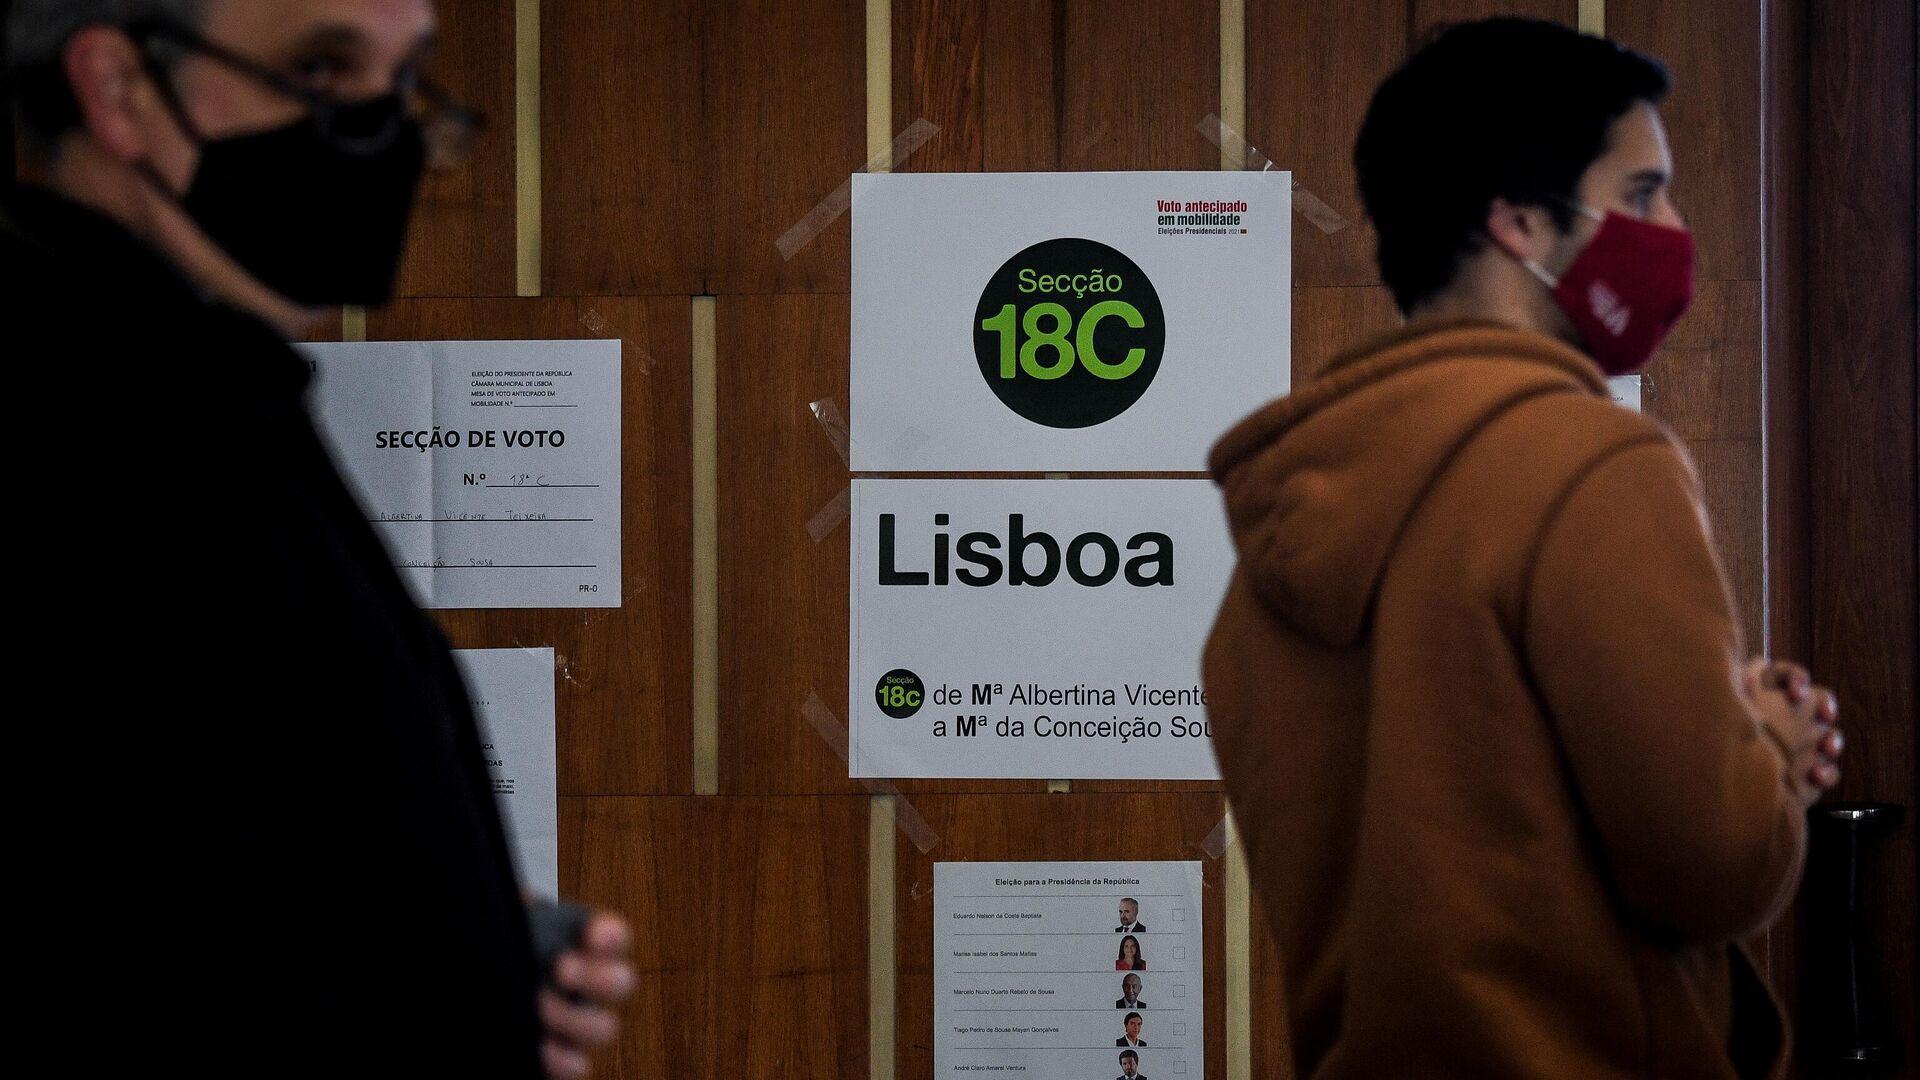 Люди на досрочном голосовании на президентских выборах в Португалии  - РИА Новости, 1920, 24.01.2021